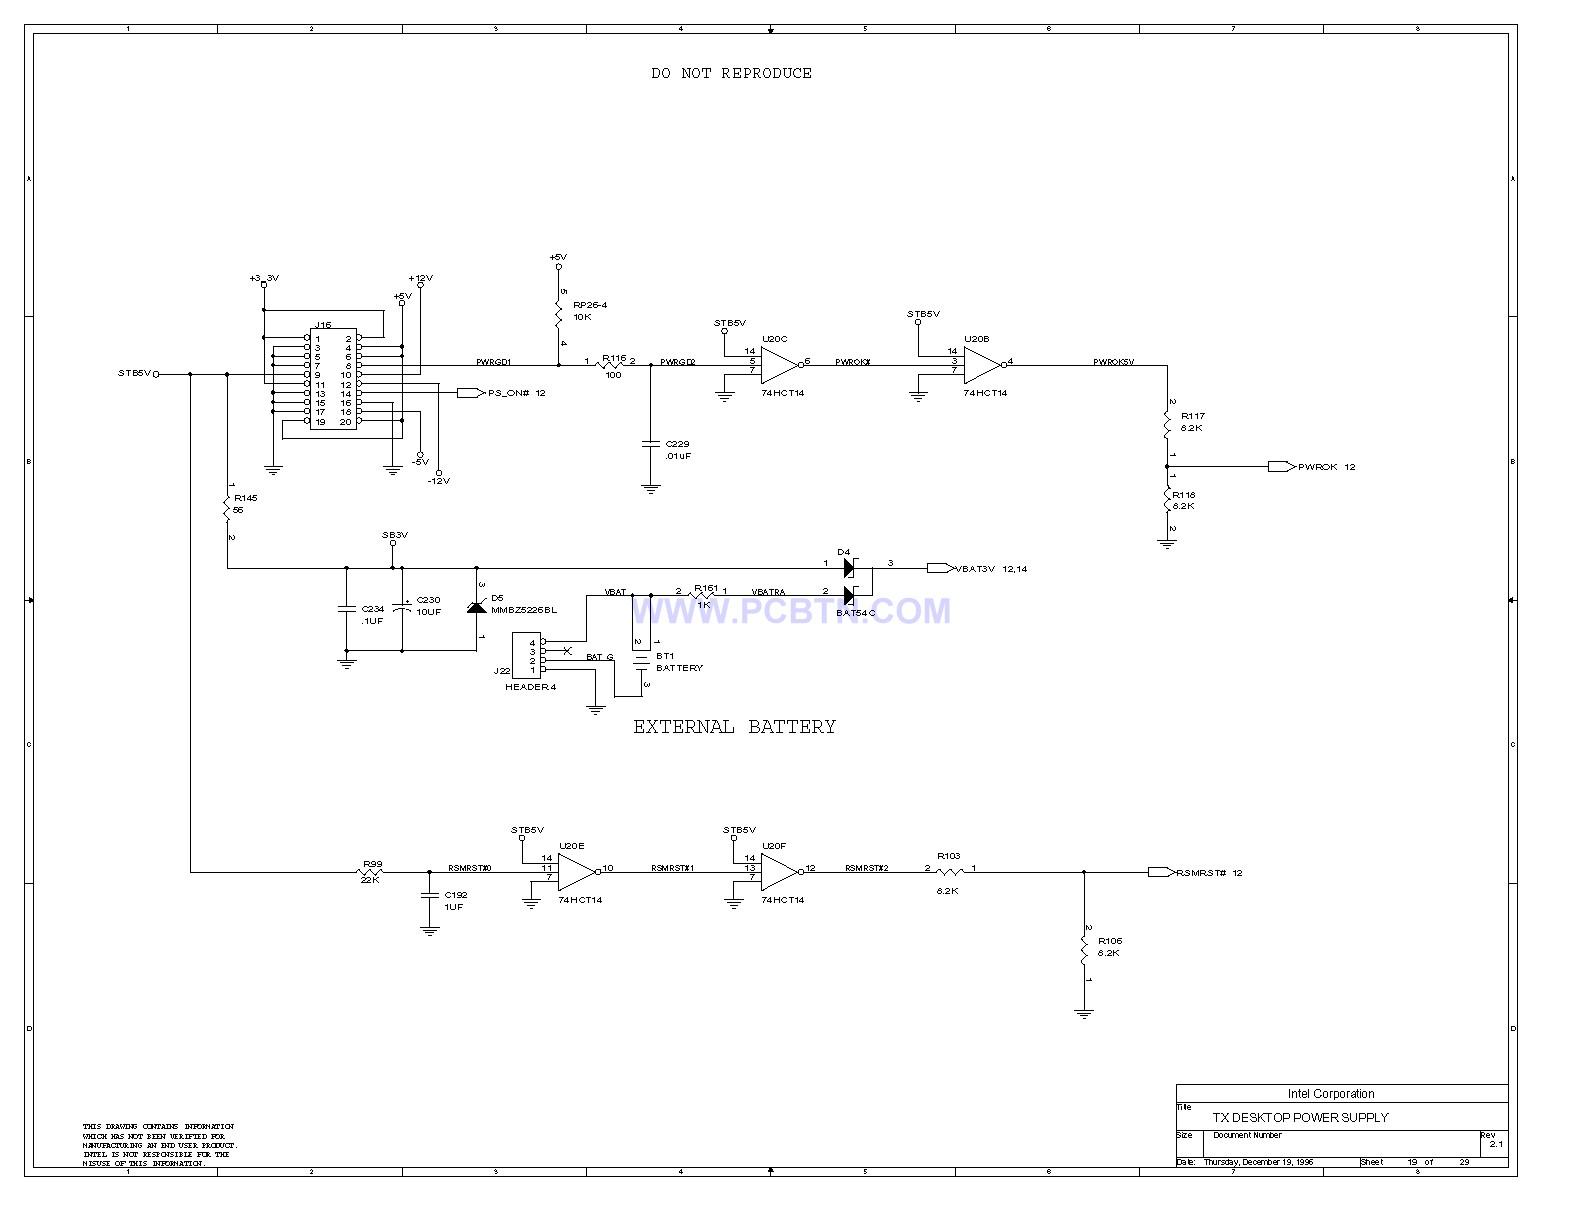 电脑主板设计图430TX[_]19